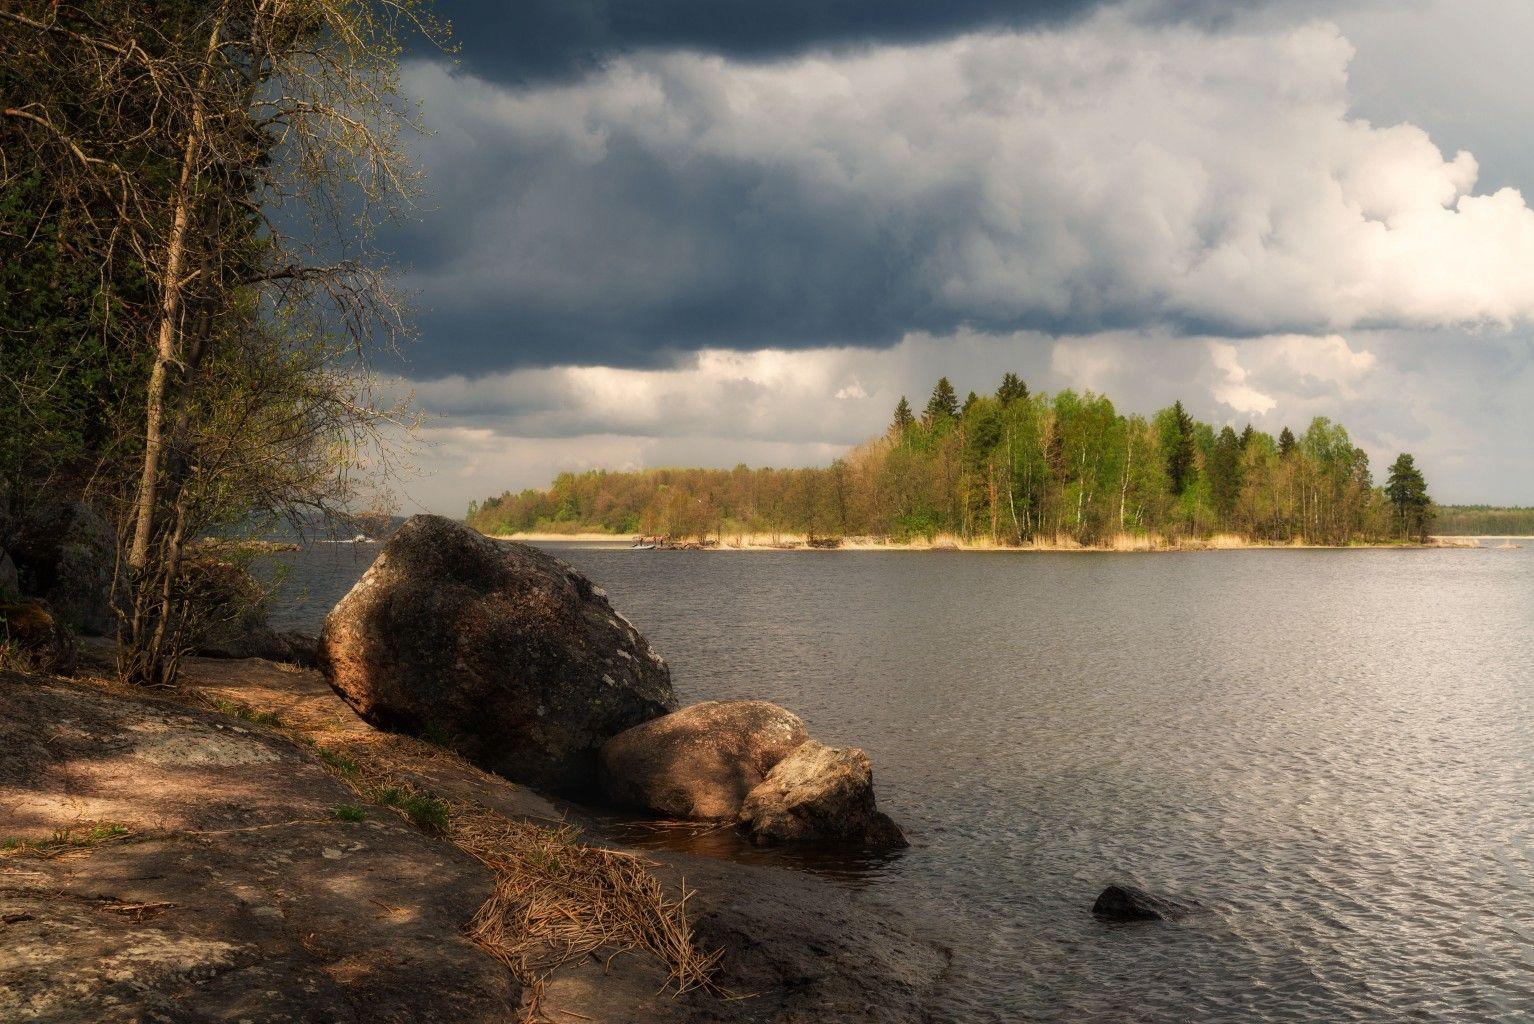 Перед грозой выборг весна монрепо природа пейзаж гроза